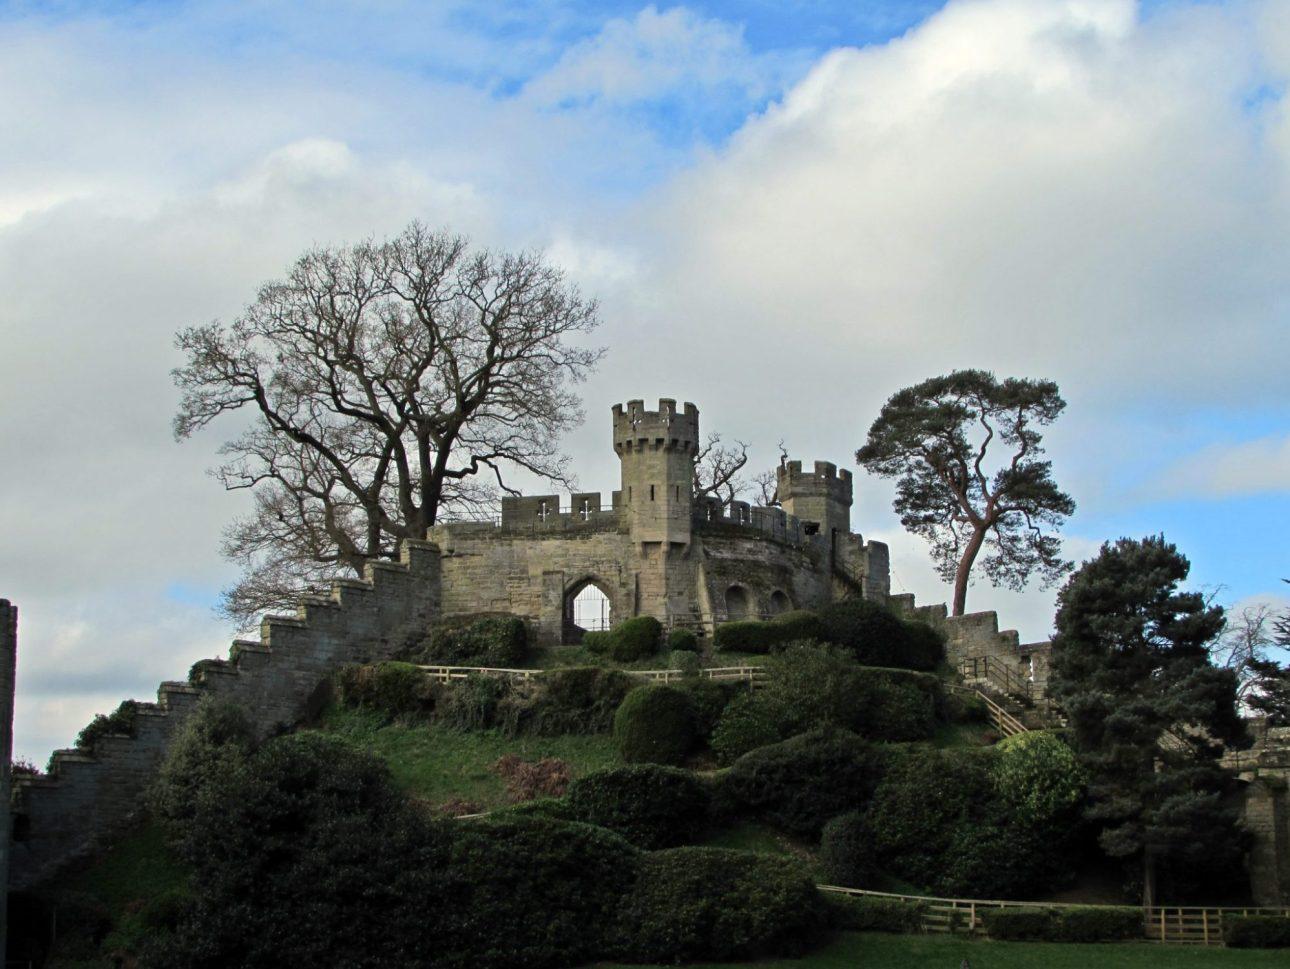 Murallas del castillo de Warwick